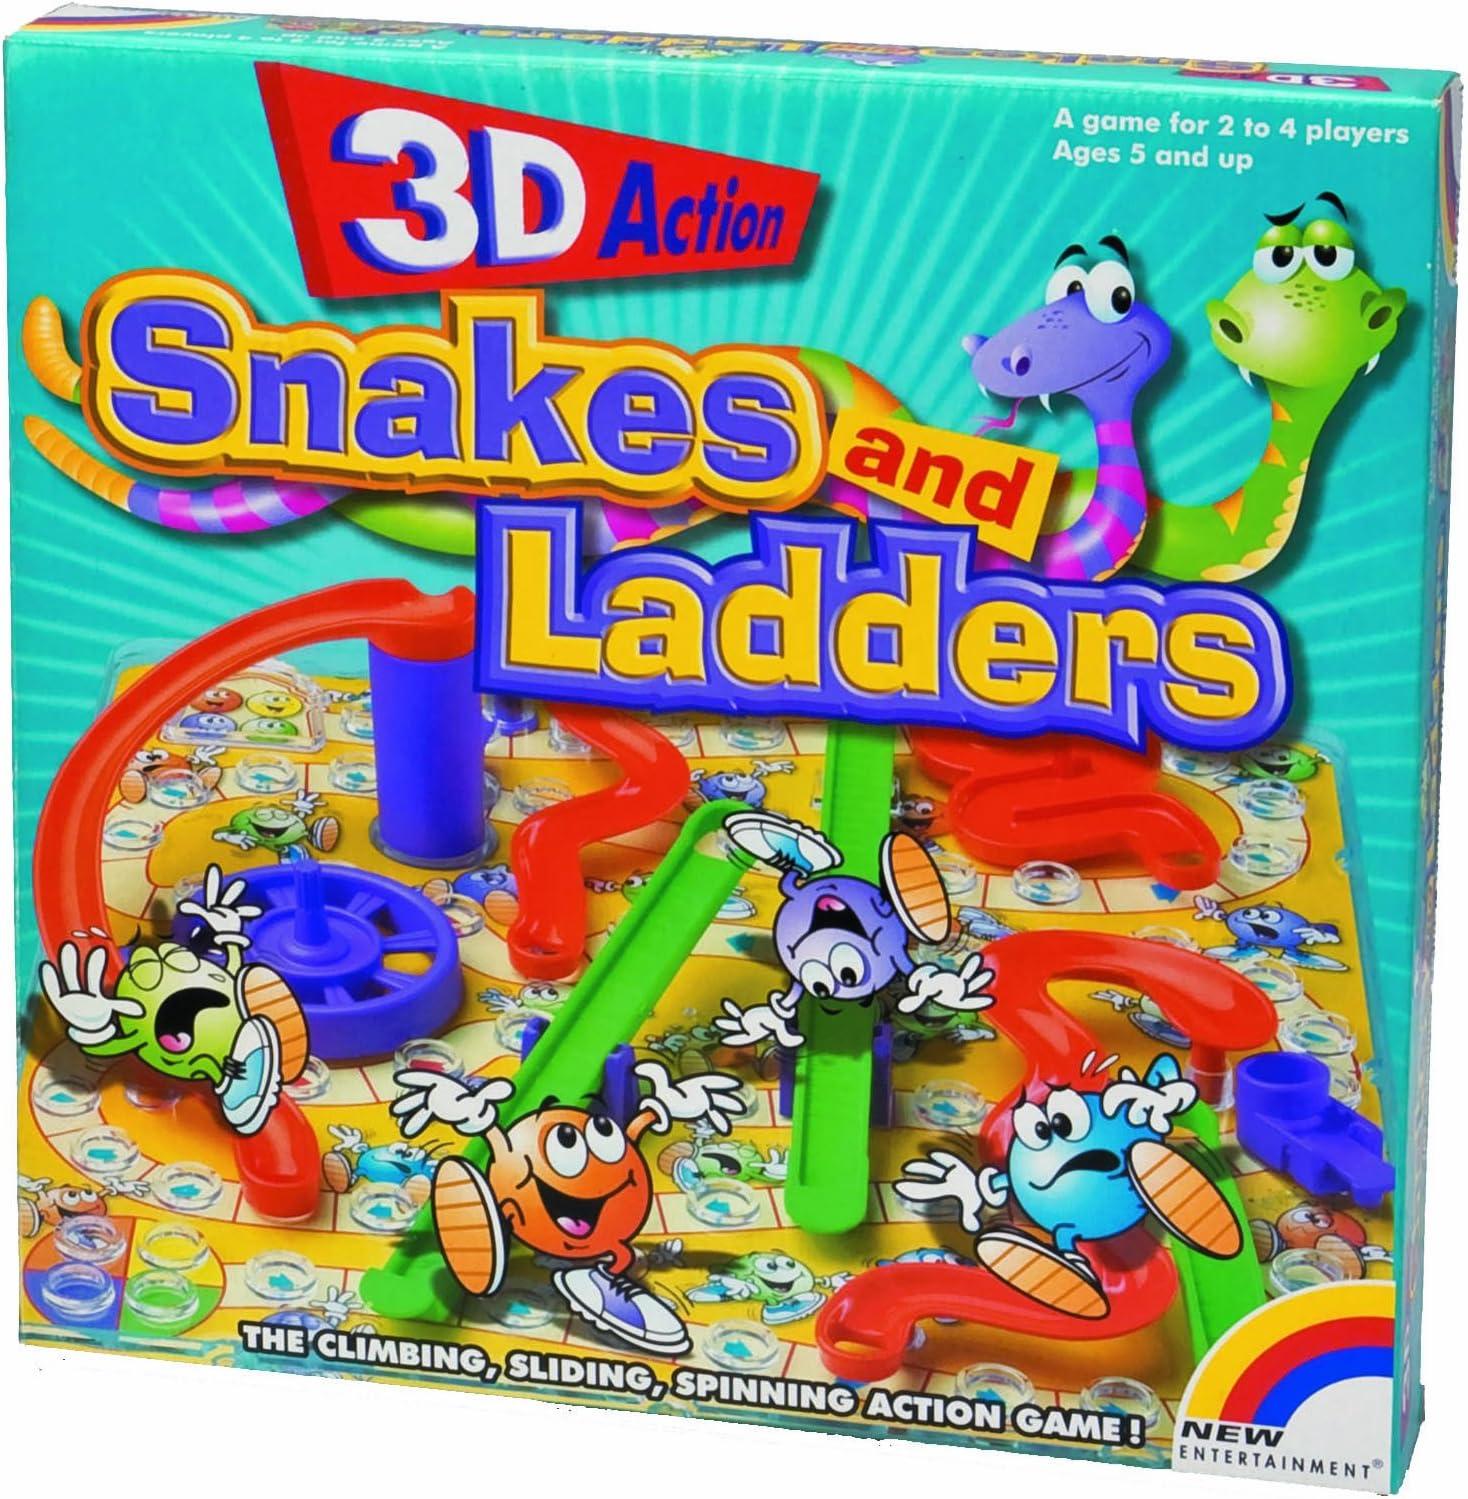 Games - Juego de Tablero, 2 a 4 Jugadores (ABGee 576 1380) (versión en inglés)